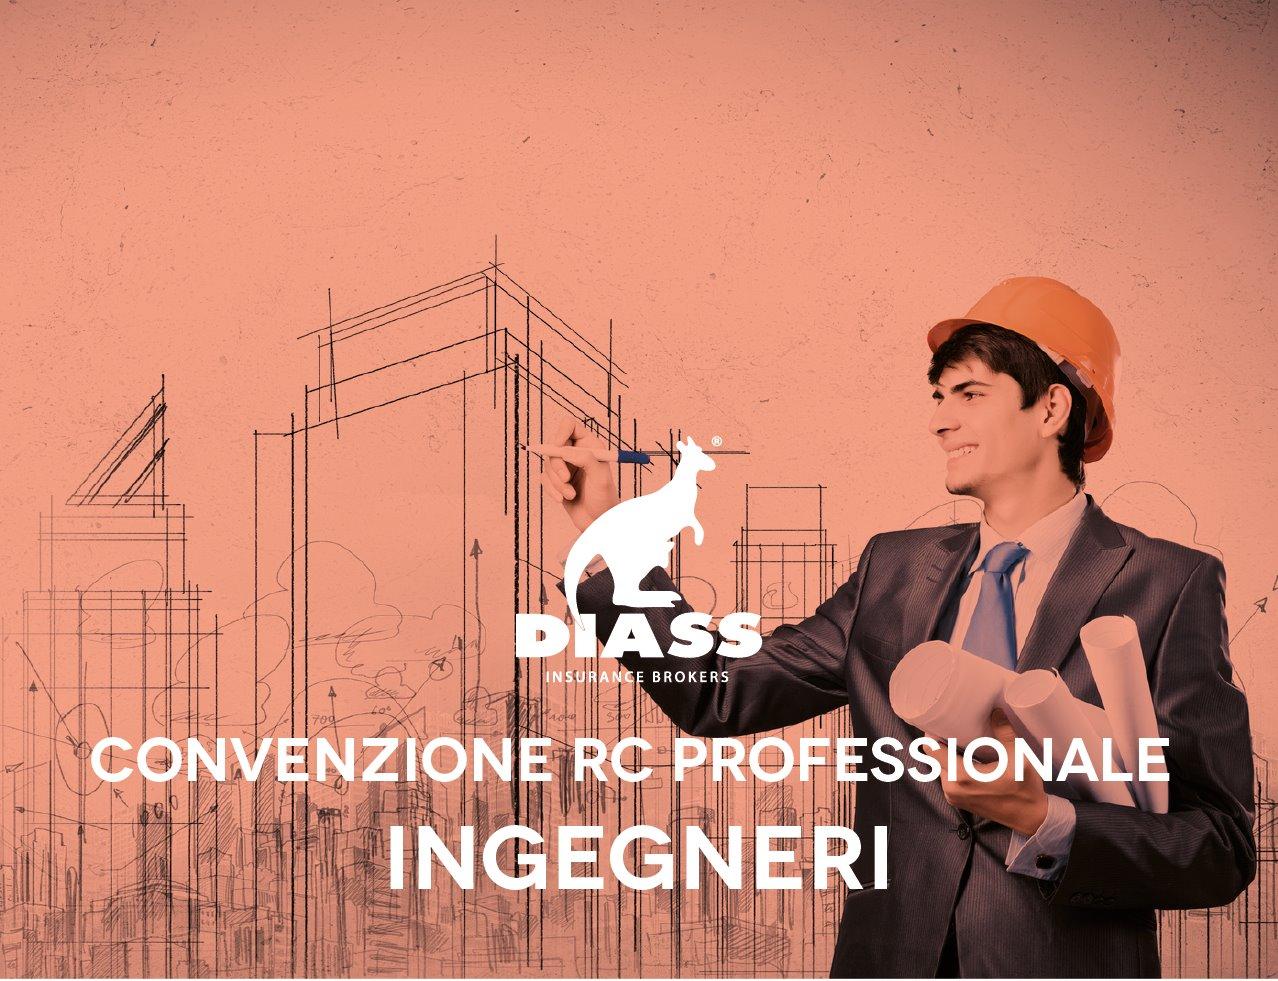 diass-rc-professionale-ingegneri-polizza-professionale-ingegneri-responsabilità-civile-ingegneri-rc-professionale-ingegneri